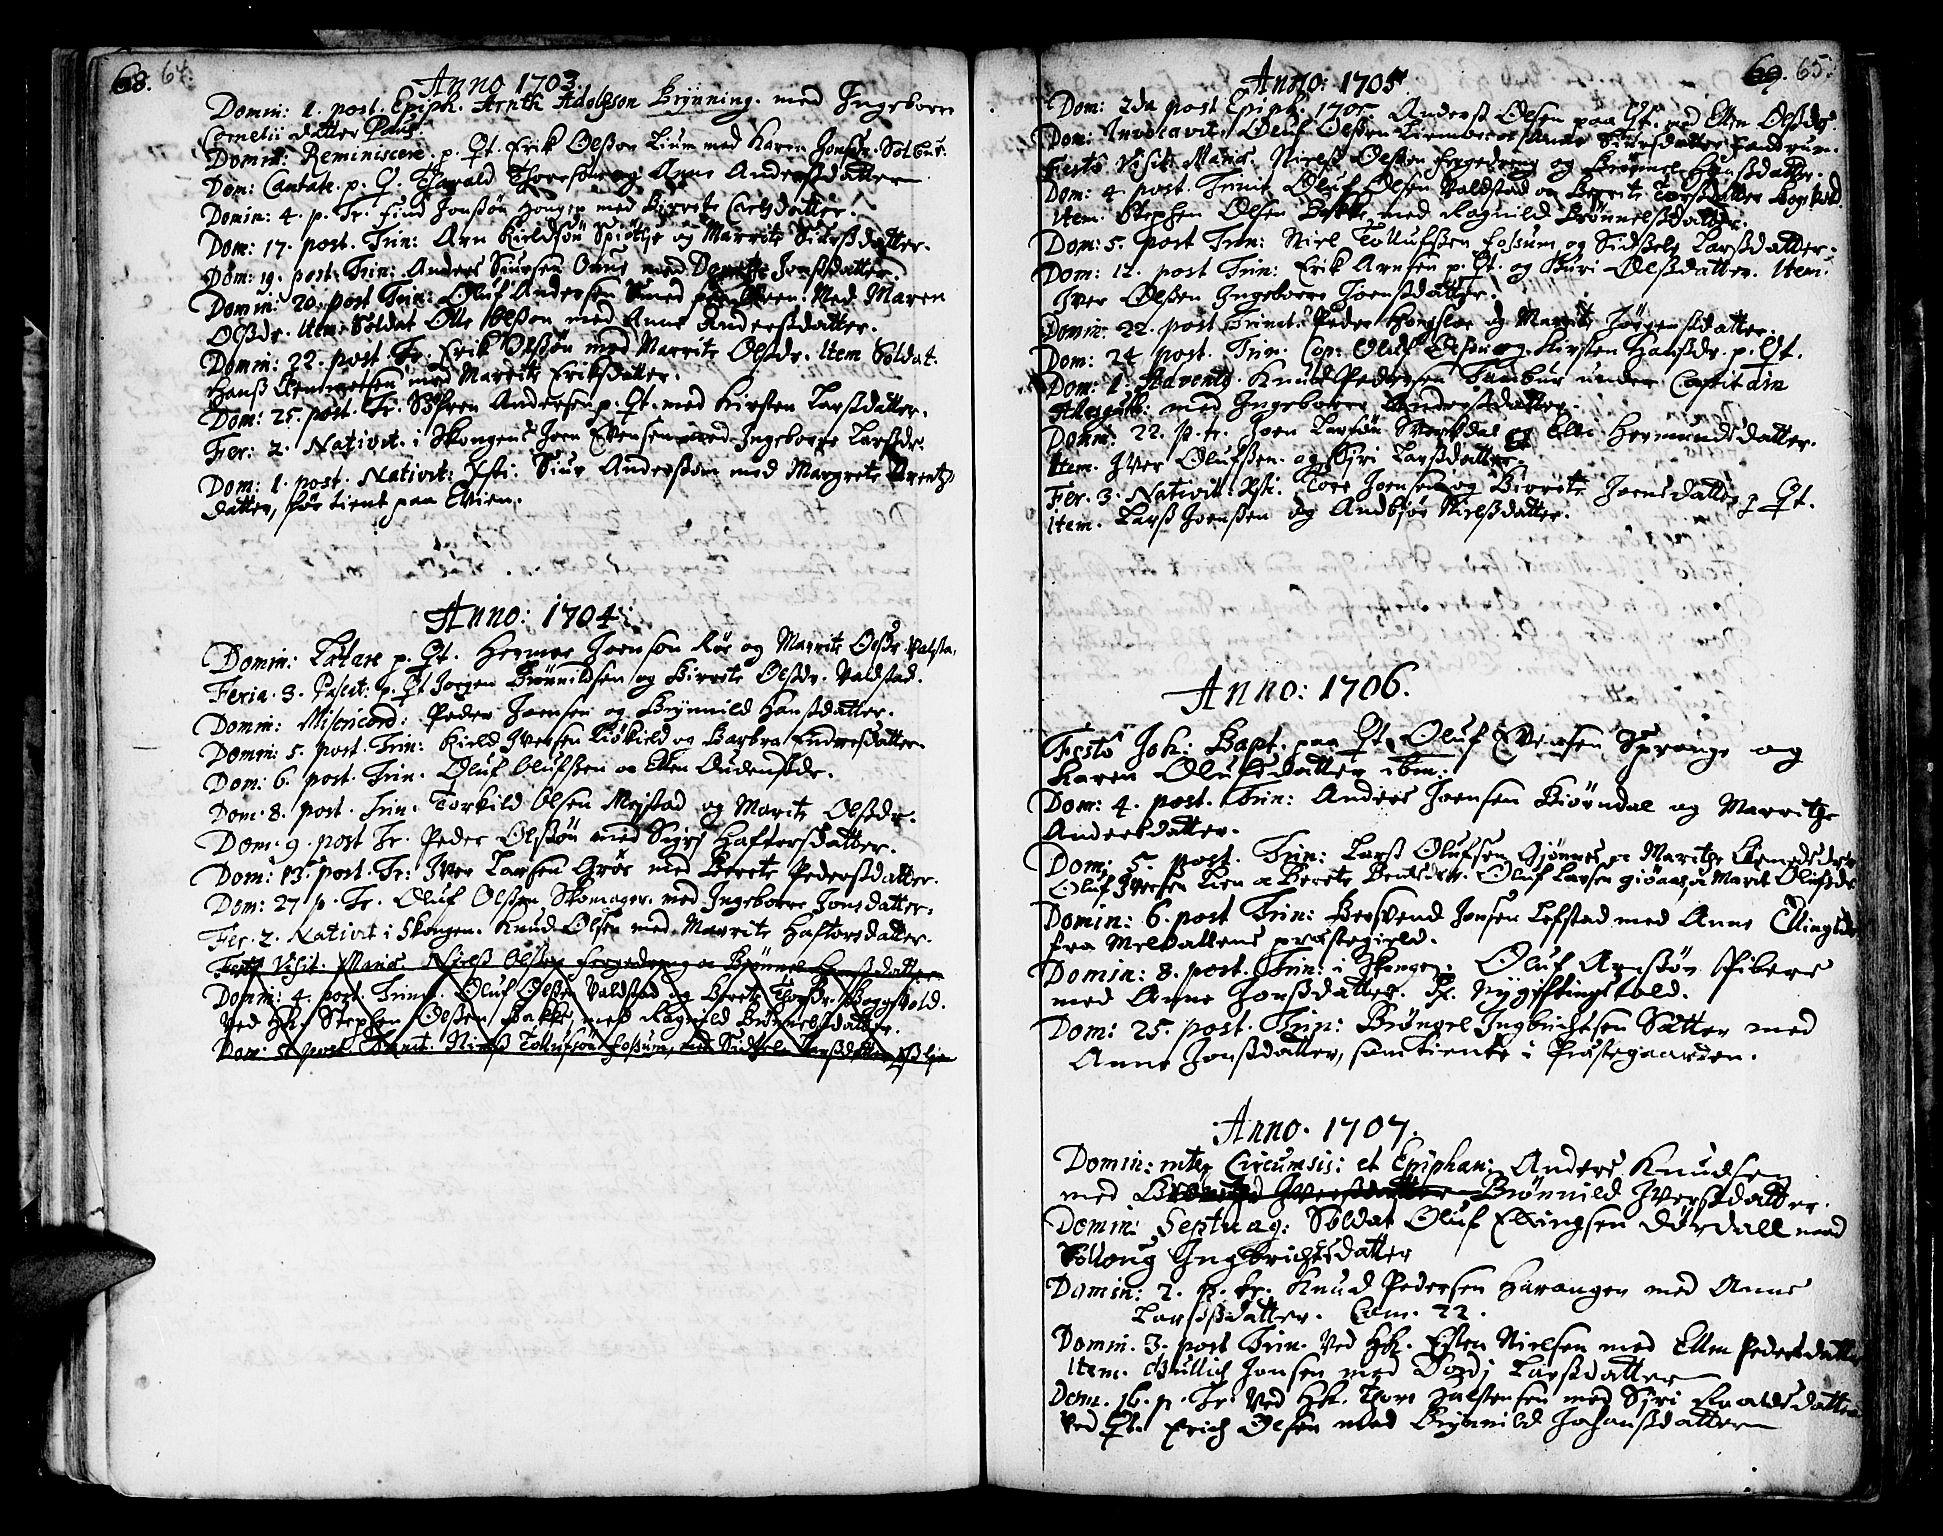 SAT, Ministerialprotokoller, klokkerbøker og fødselsregistre - Sør-Trøndelag, 668/L0801: Ministerialbok nr. 668A01, 1695-1716, s. 64-65